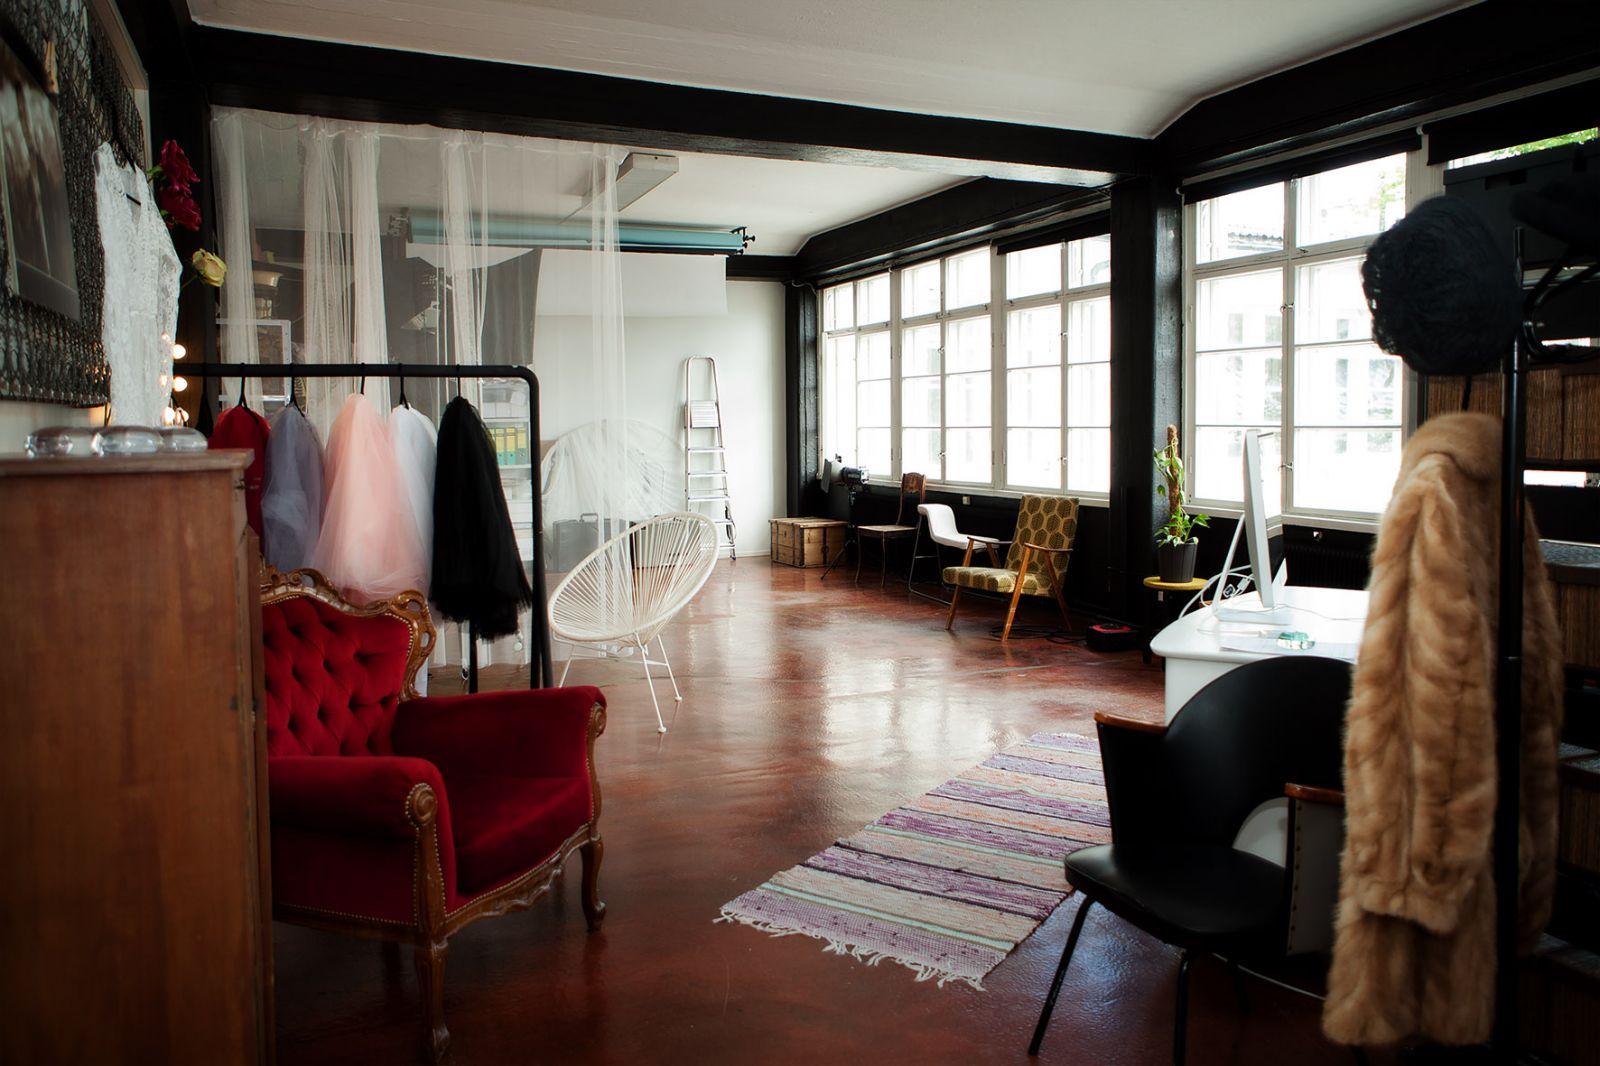 Studio Liikkuva - Turku - Studio